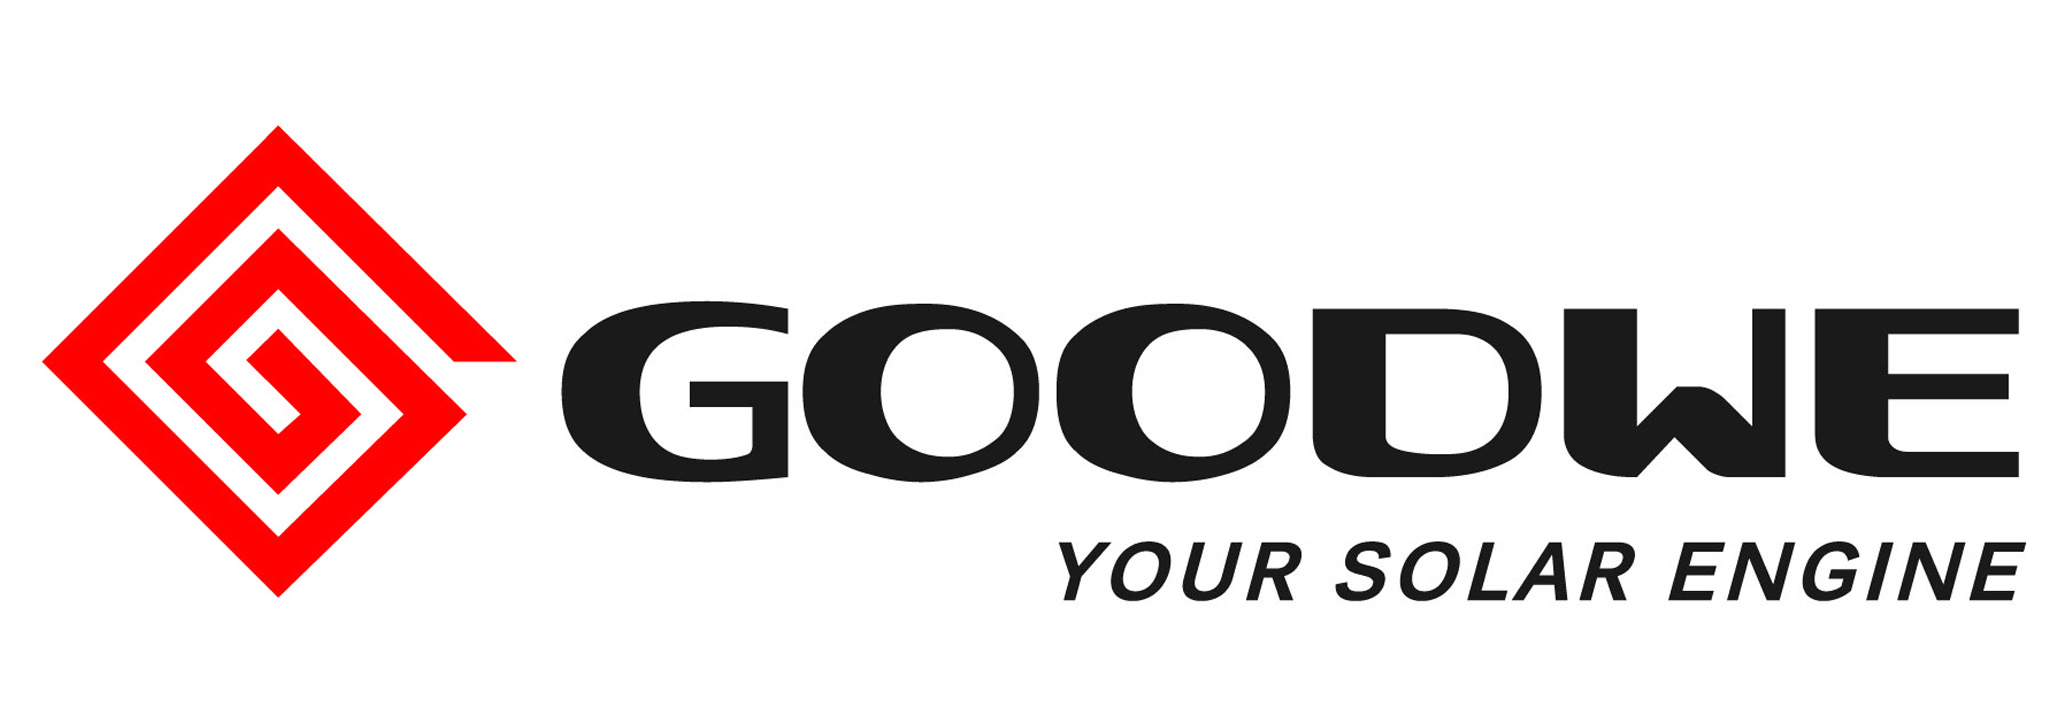 logo优化